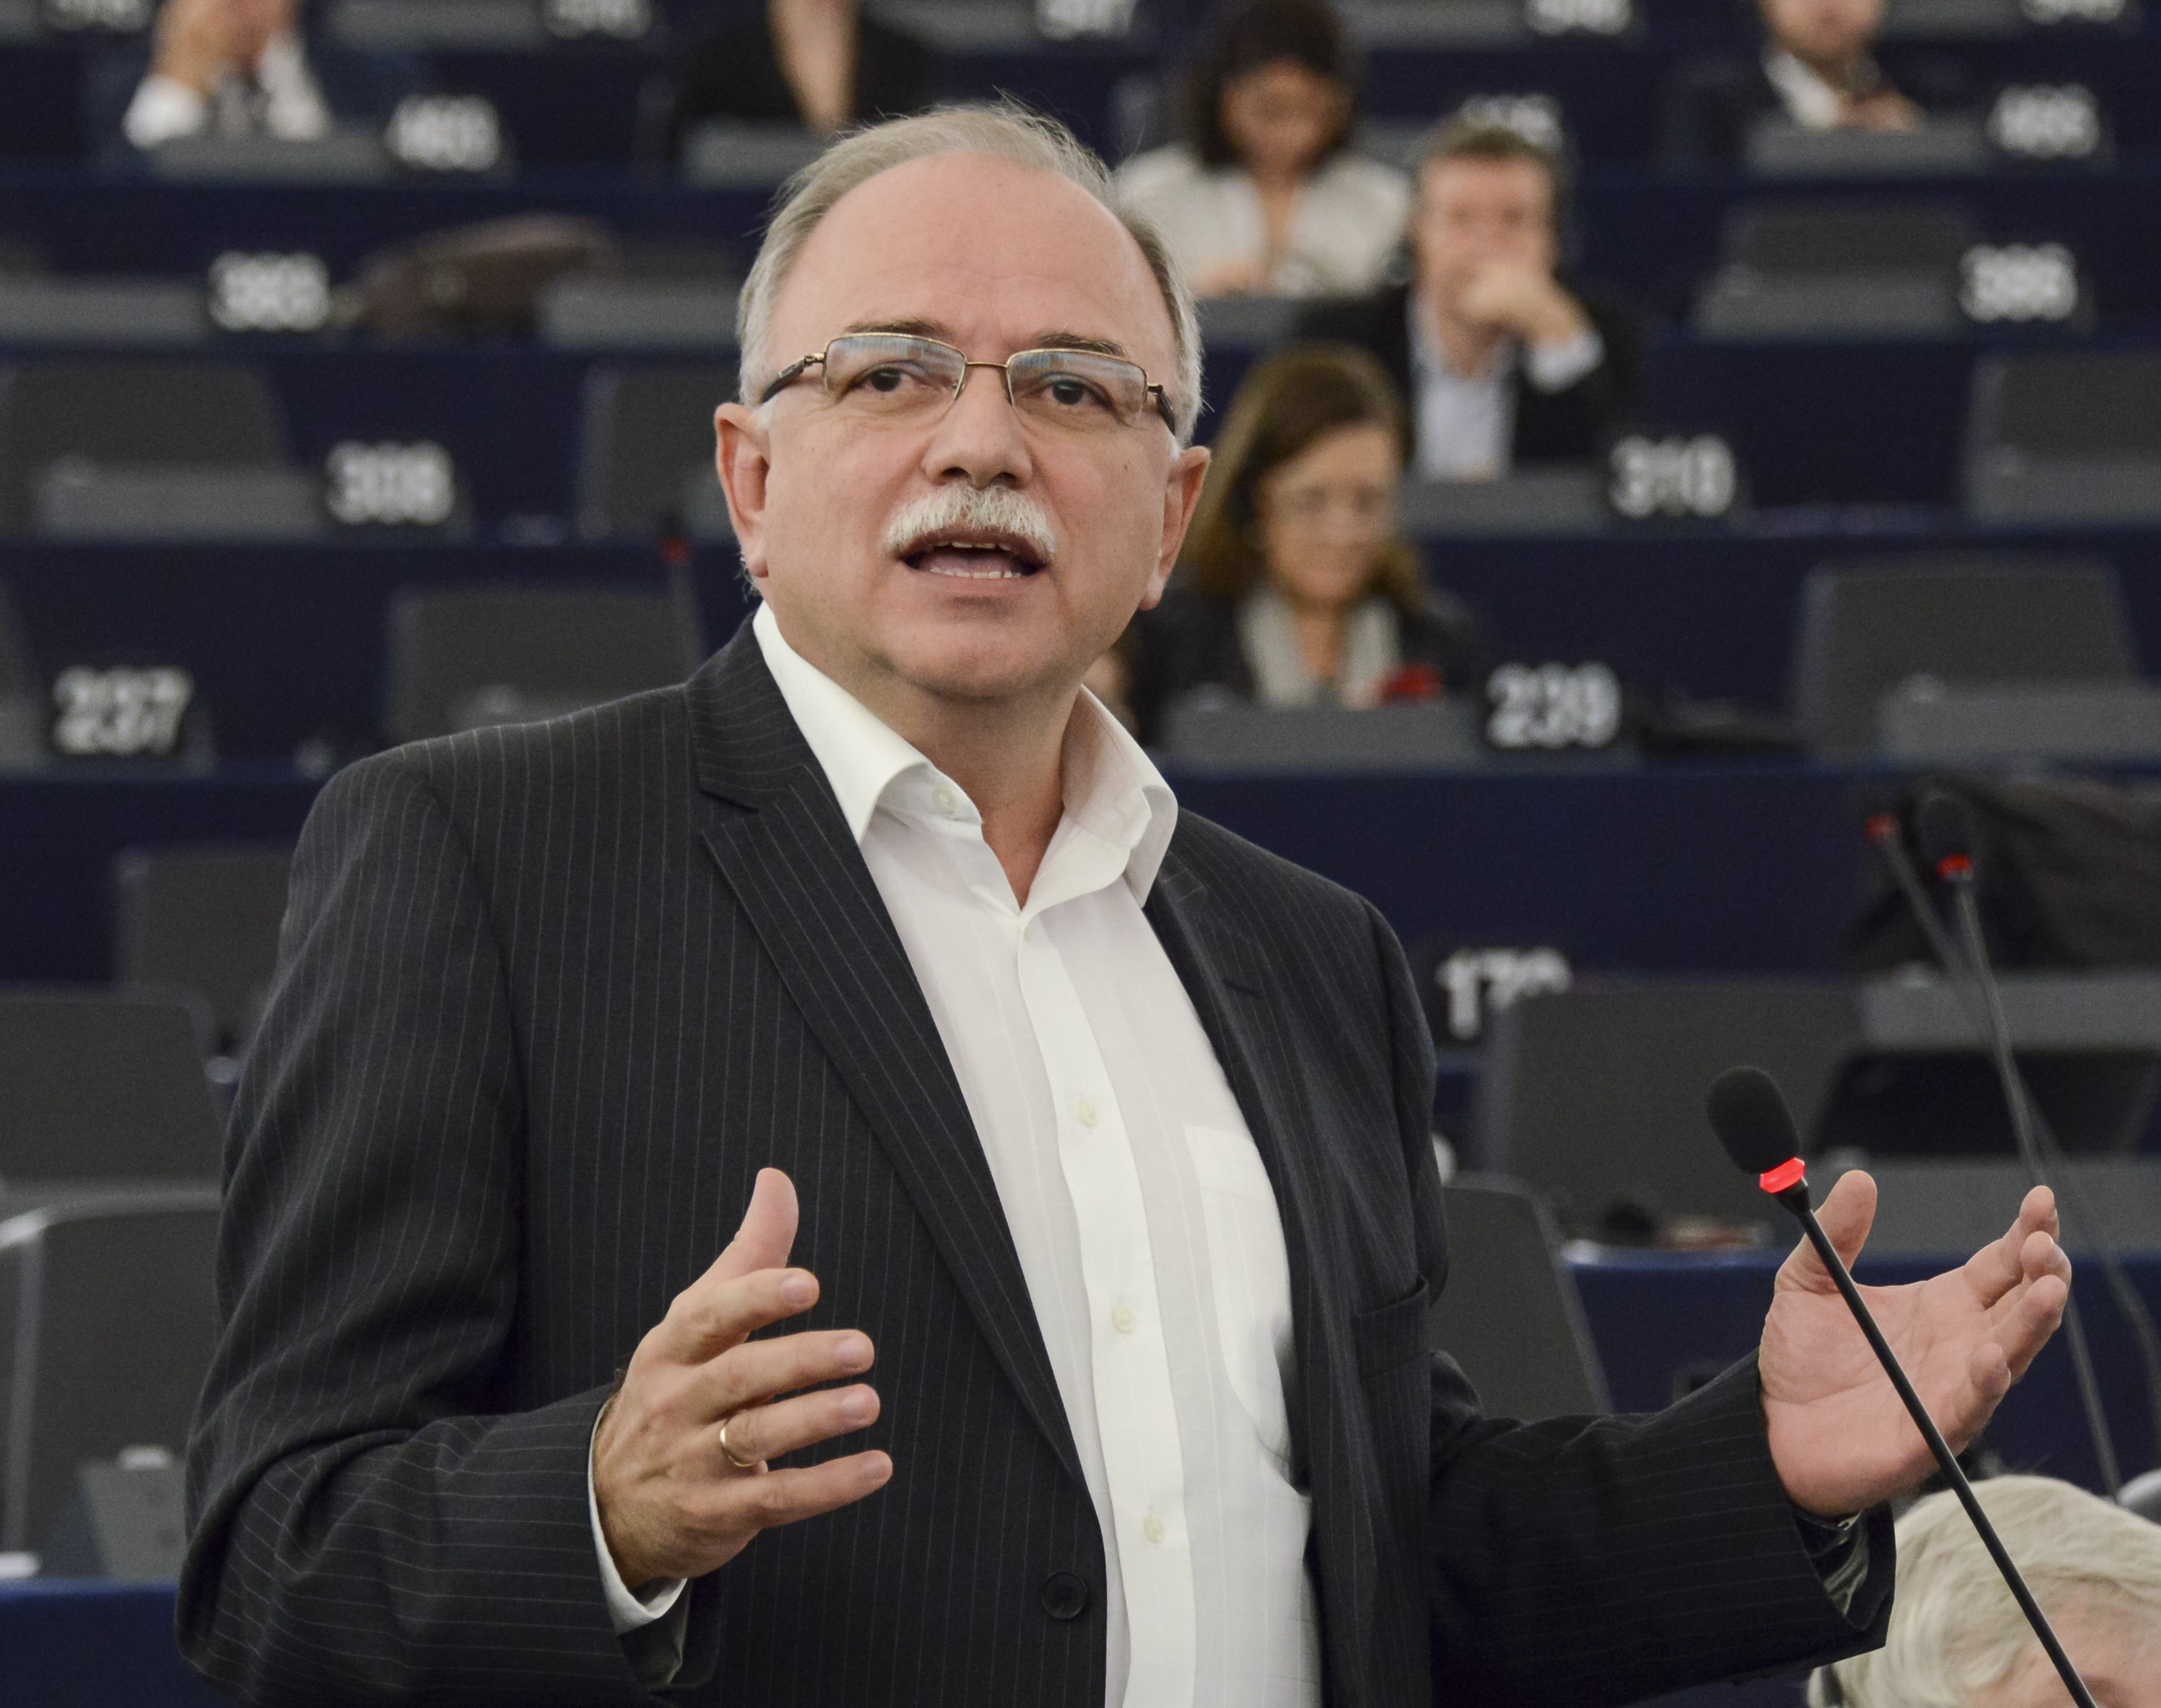 Δ. Παπαδημούλης: Τα ενεργειακά κοιτάσματα της ΝΑ Μεσογείου γέφυρα για τις ευρω-αραβικές σχέσεις